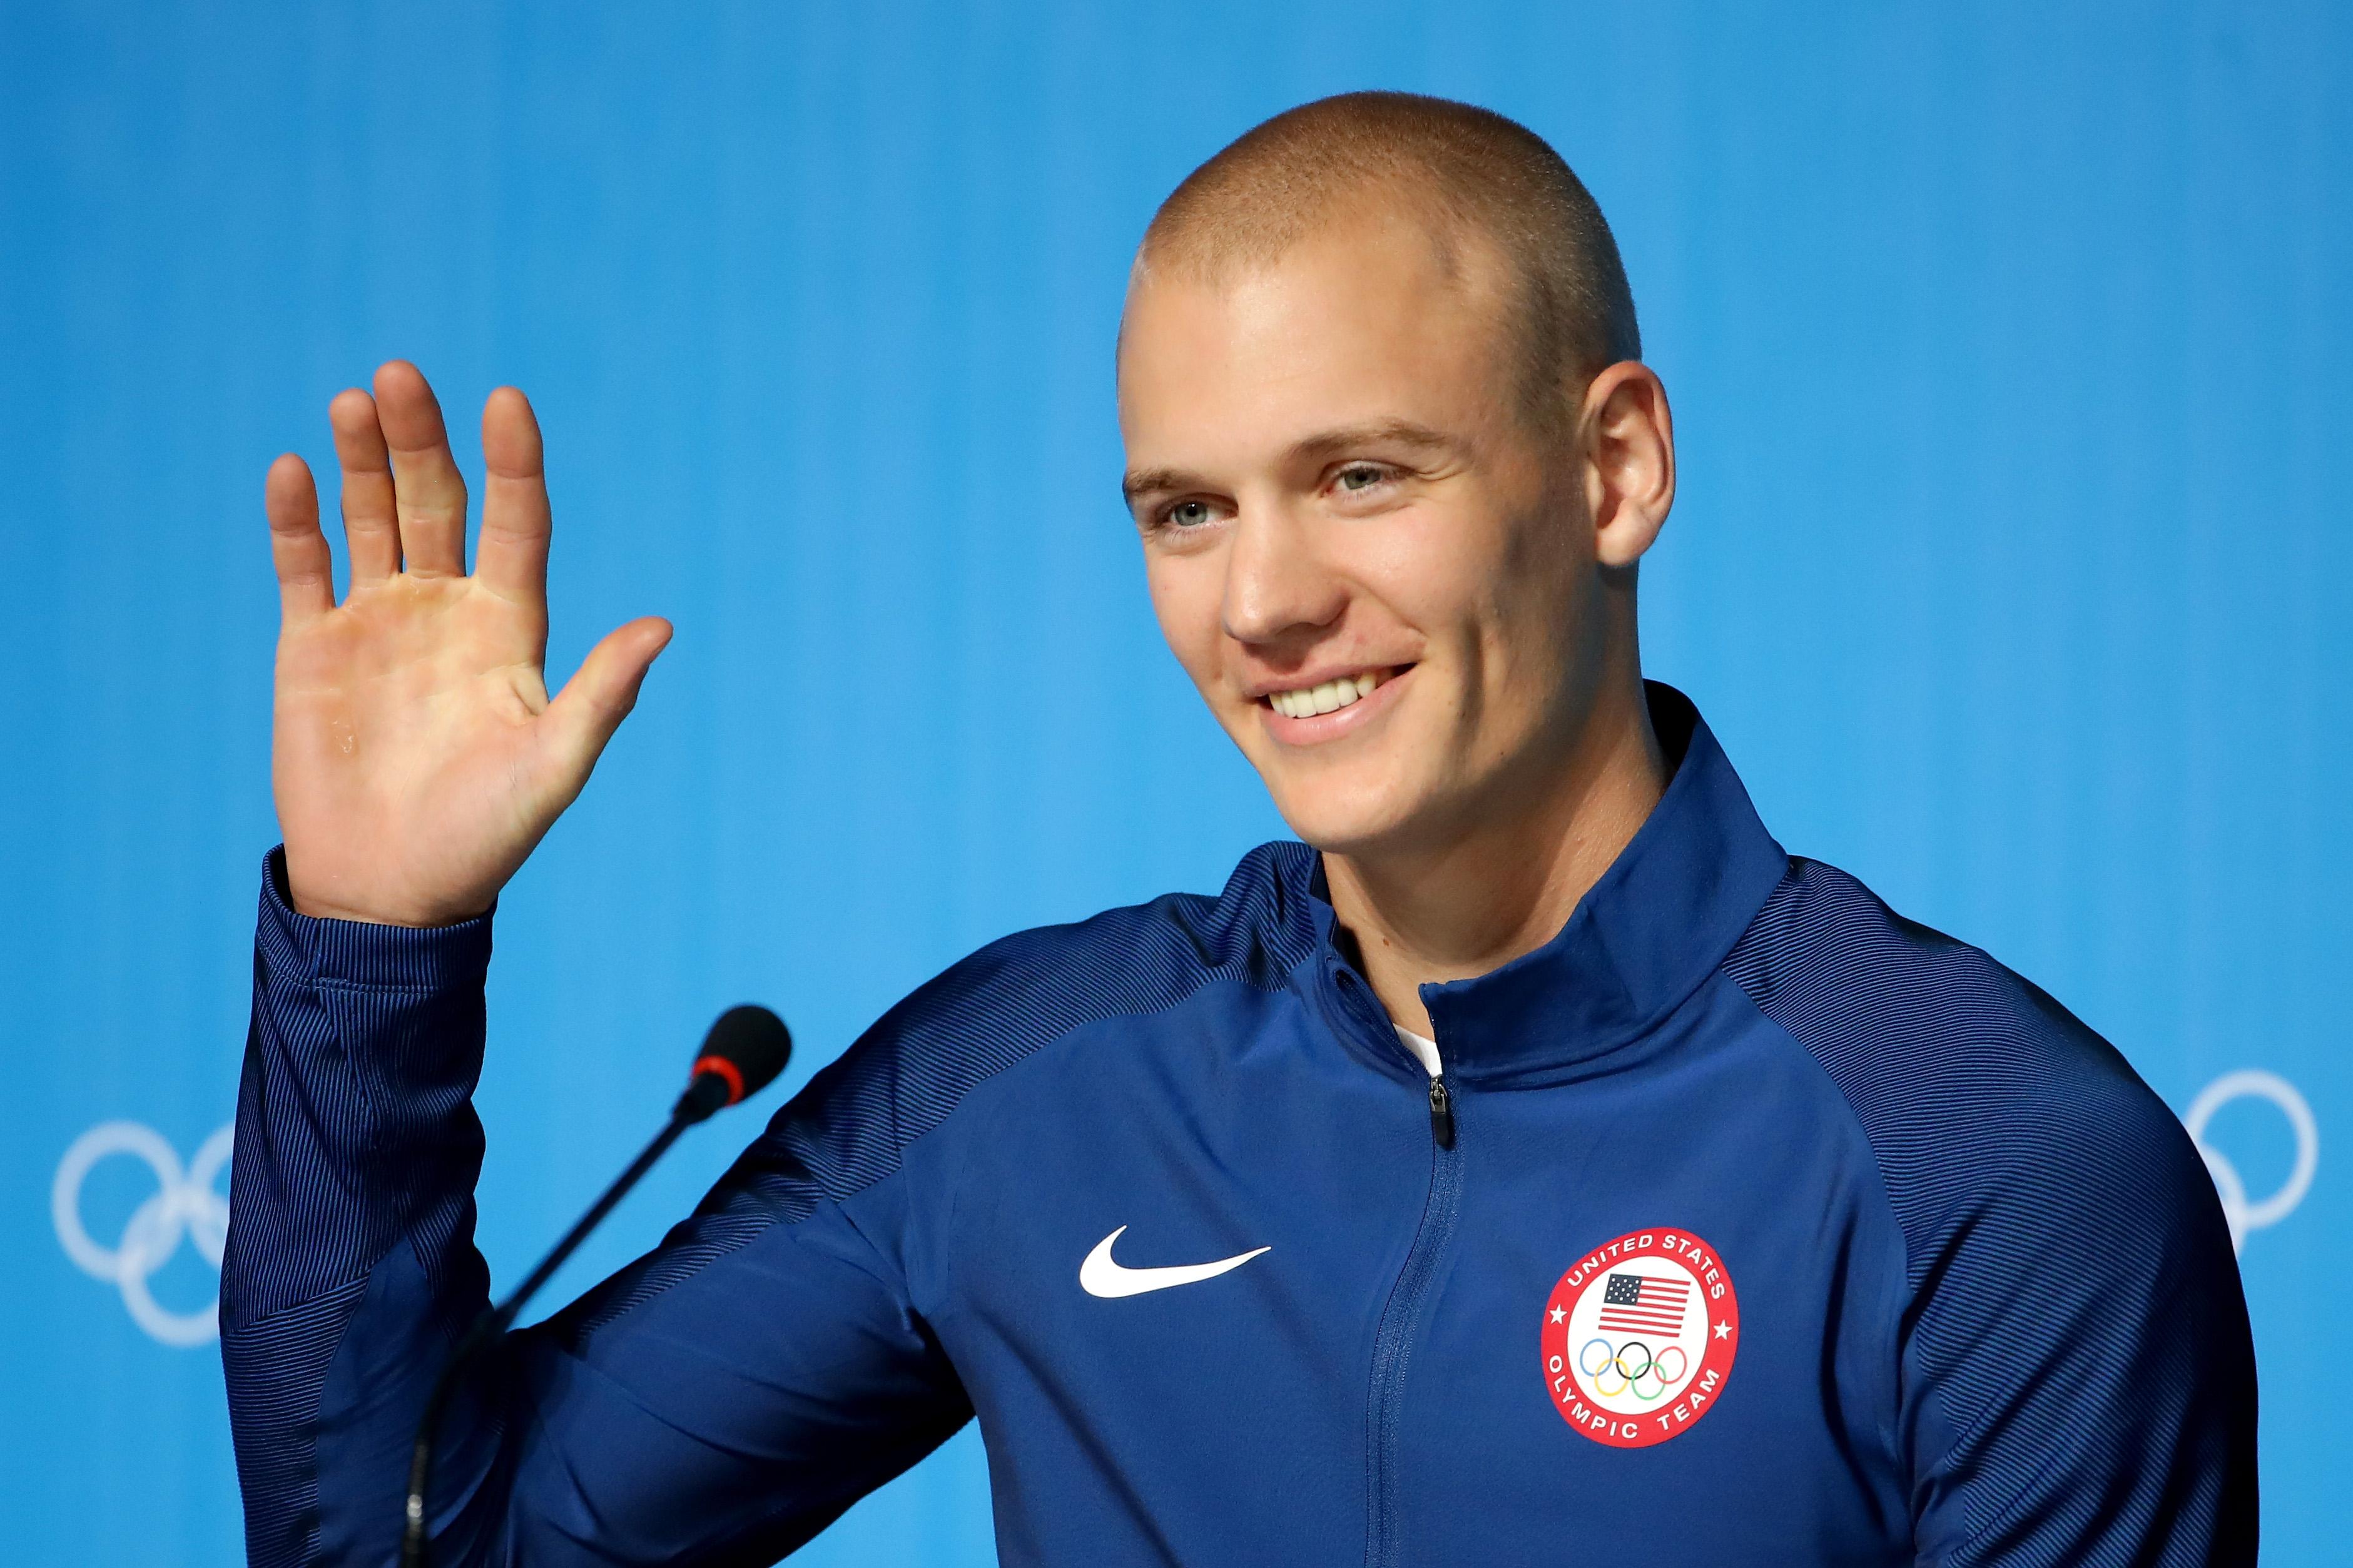 Sam Kendricks, pole vault, track and field, Olympics